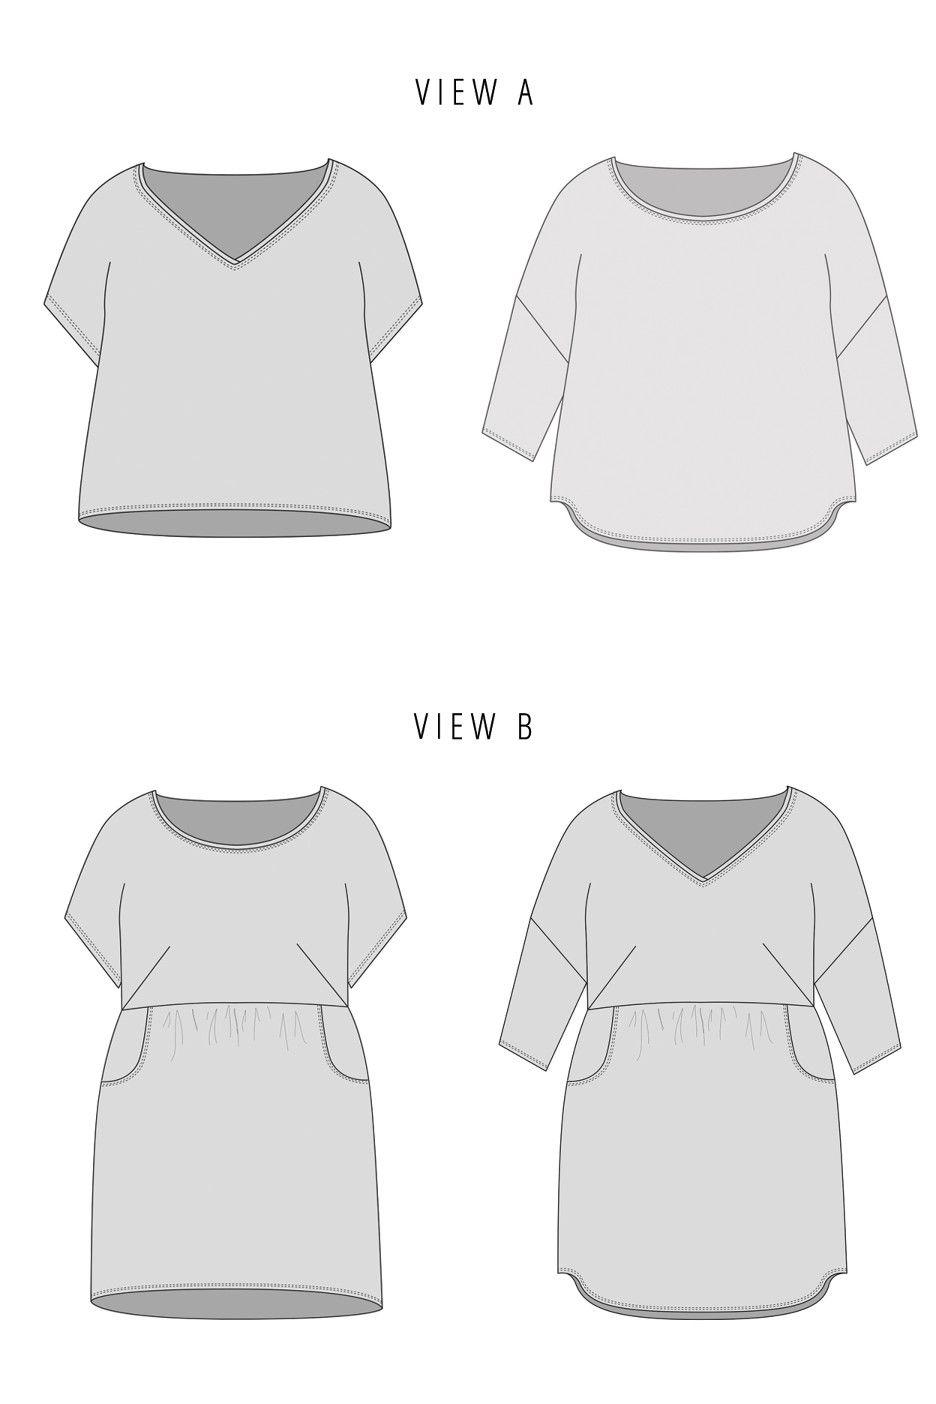 Fen Sewing Pattern by Fancy Tiger | Sammlung, Schnittmuster und Nähen